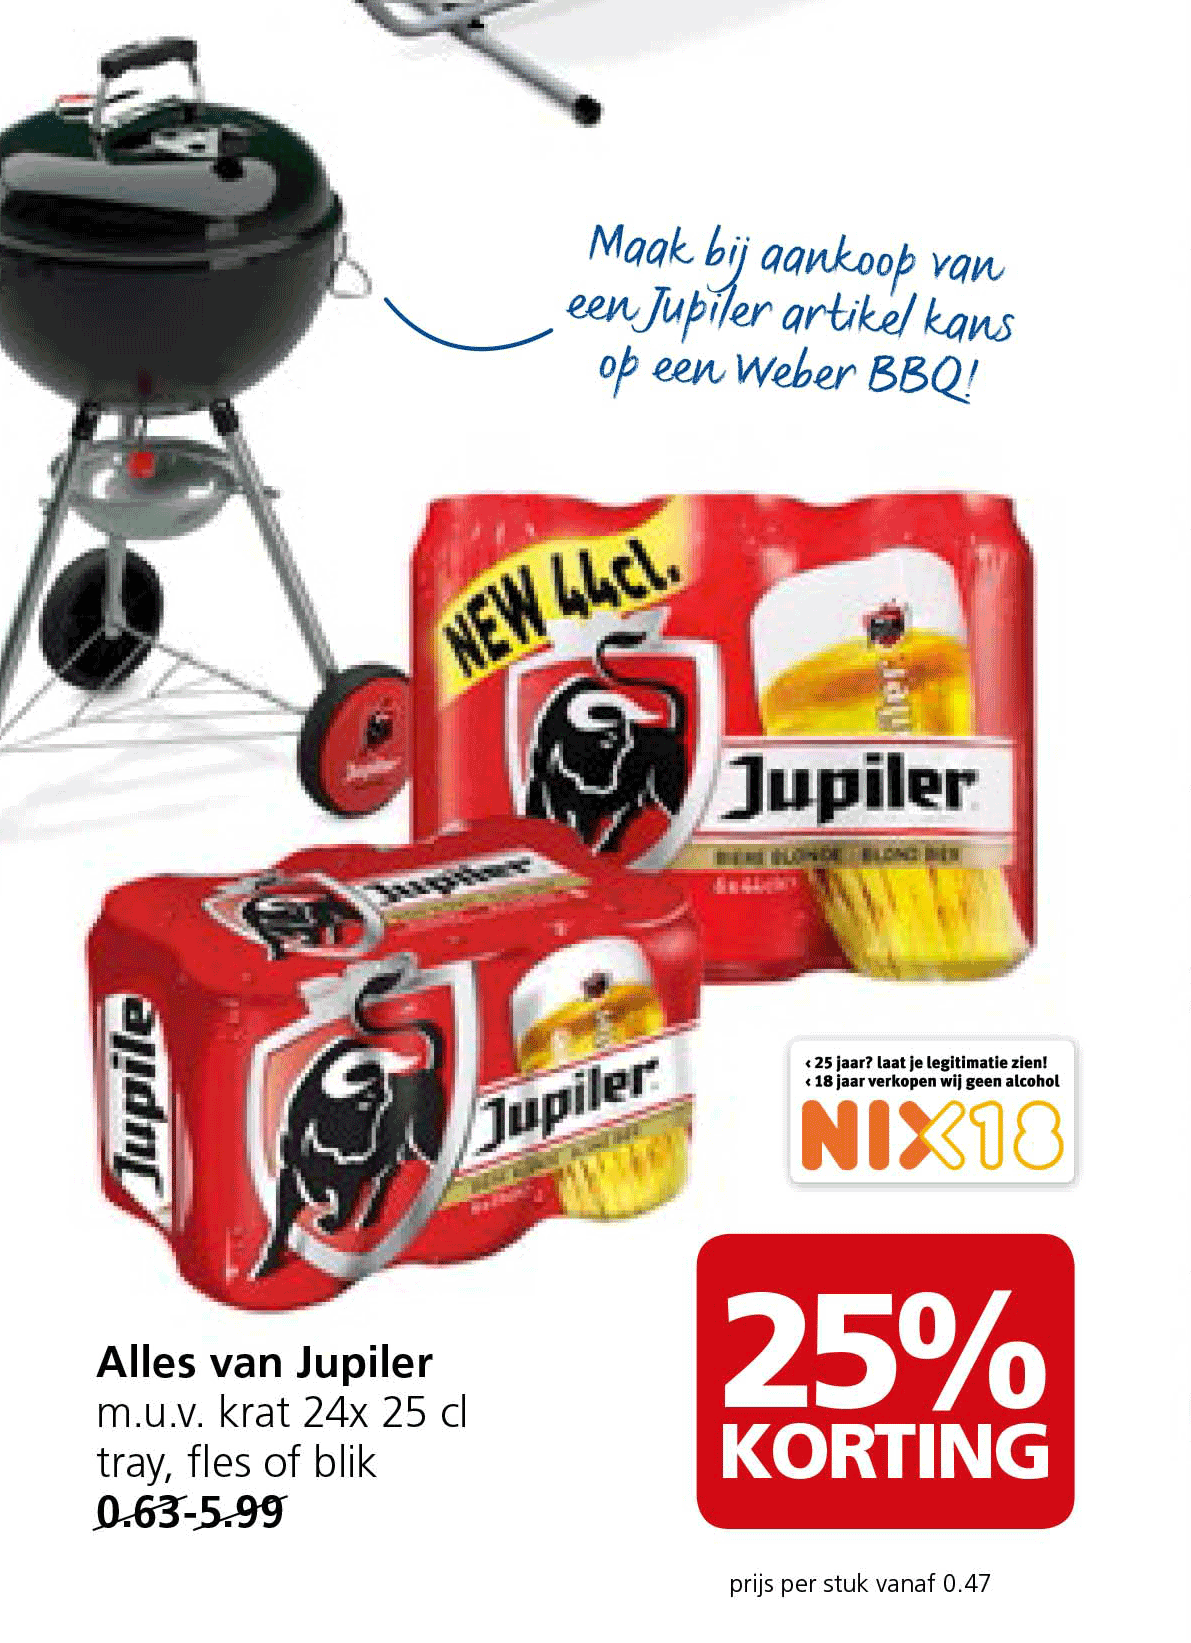 Jan Linders Alles Van Jupiler: 25% Korting